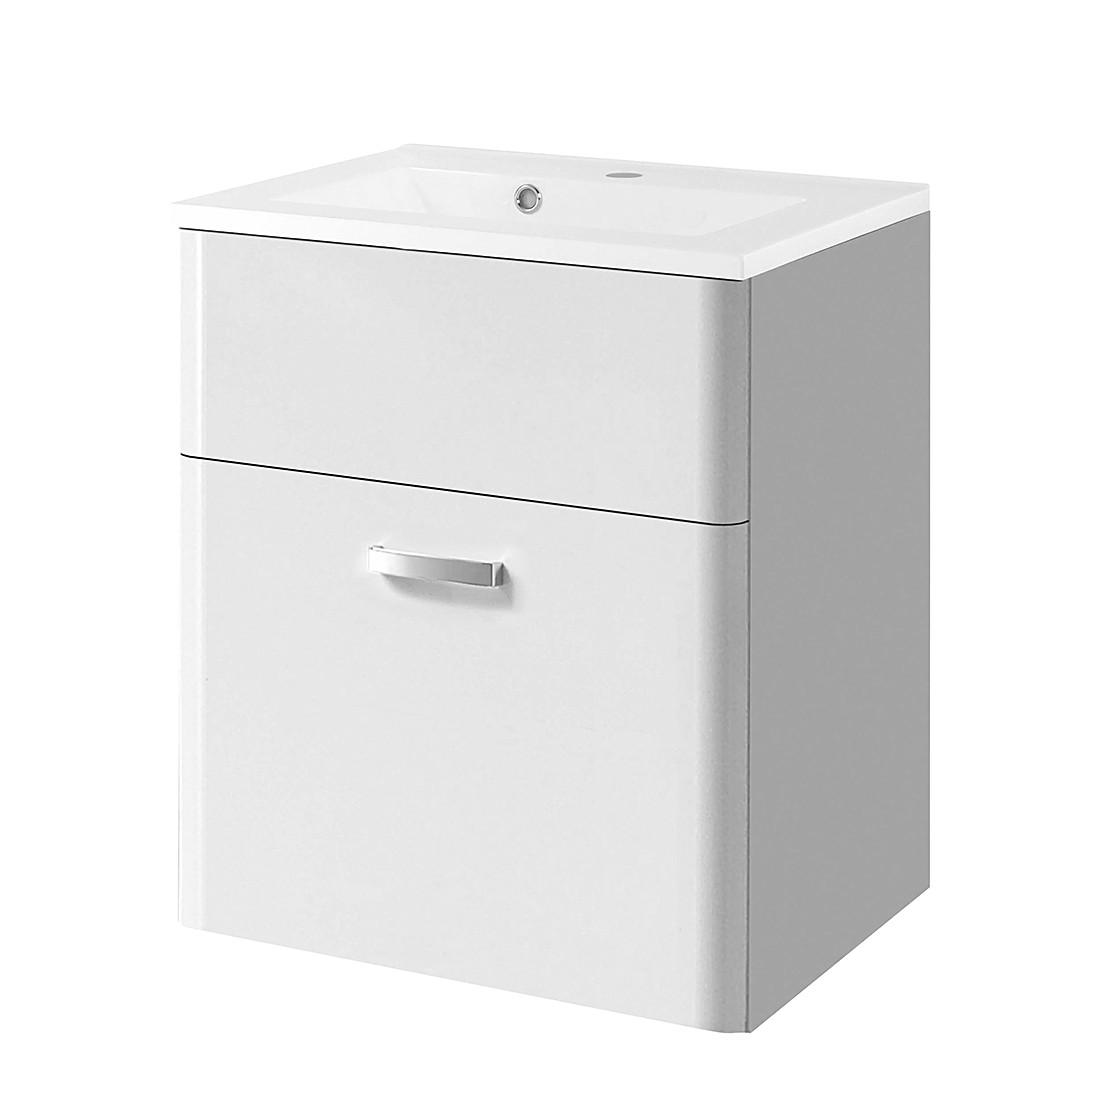 Armadietto da lavabo Barcelona - Bianco lucido, Giessbach